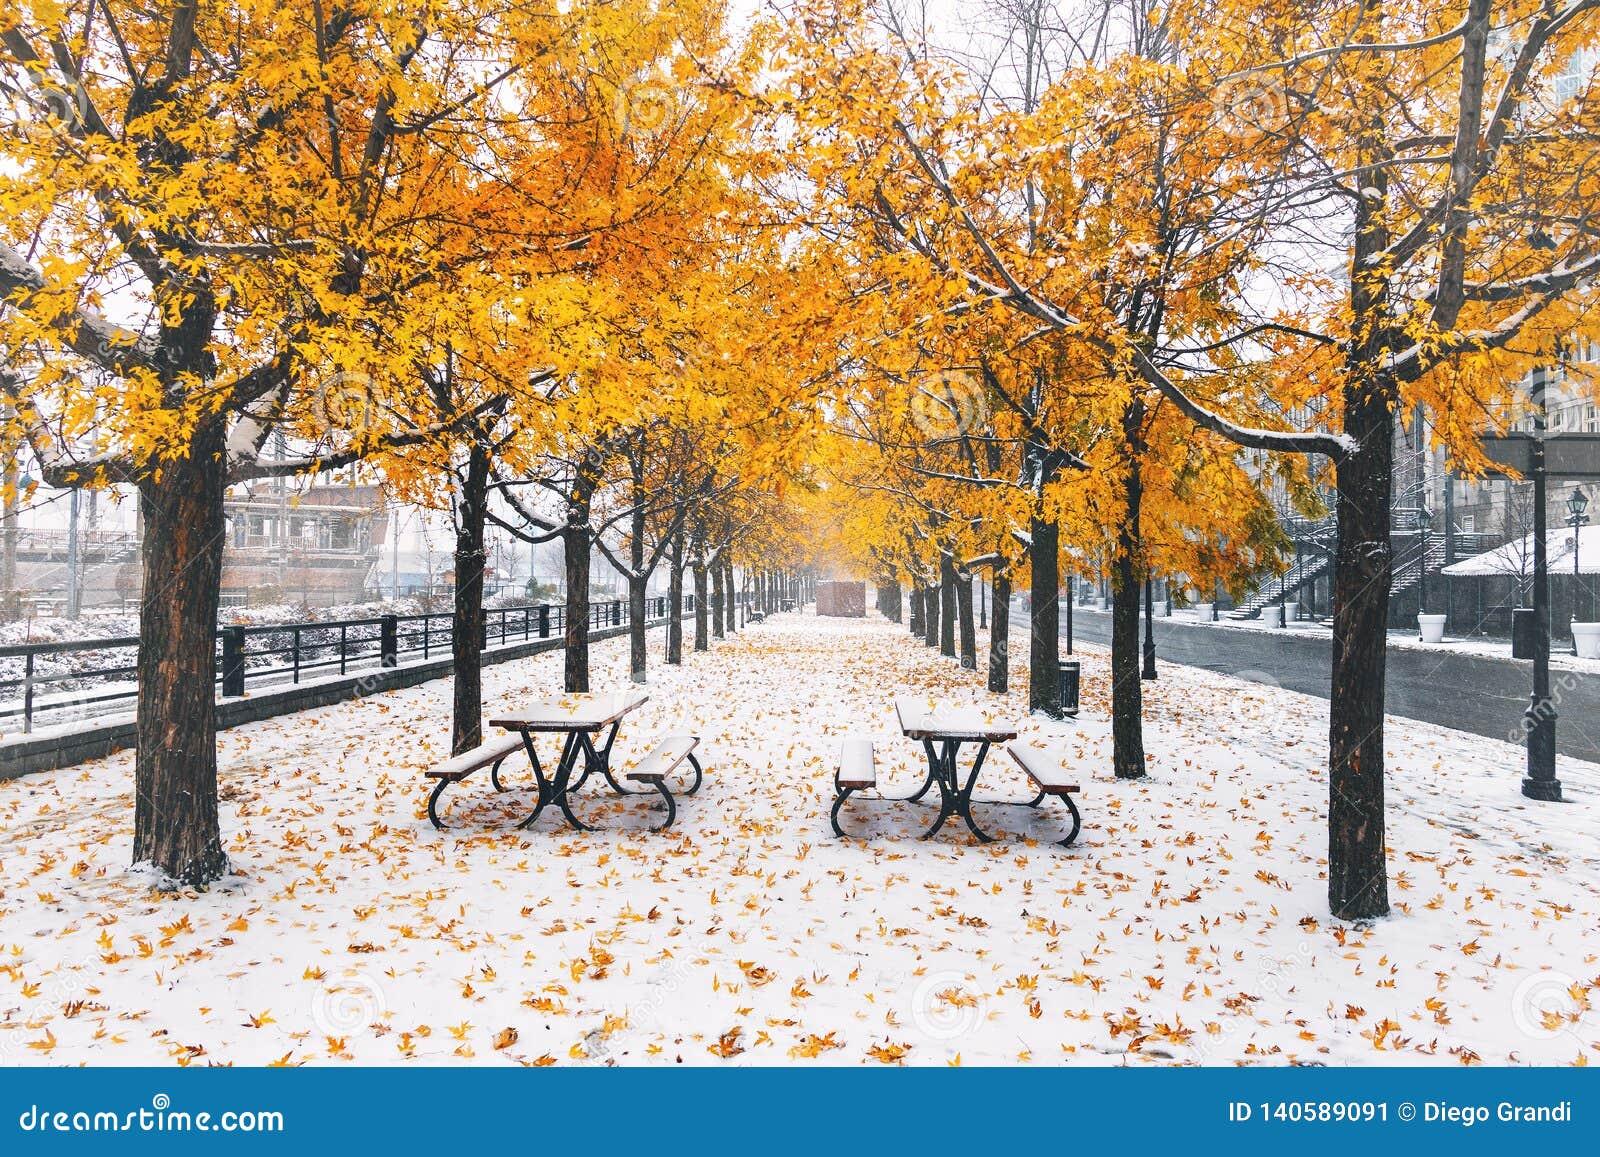 Gehweg auf dem ersten Schnee mit Gelb verlässt das Fallen von Bäumen - Montreal, Quebec, Kanada